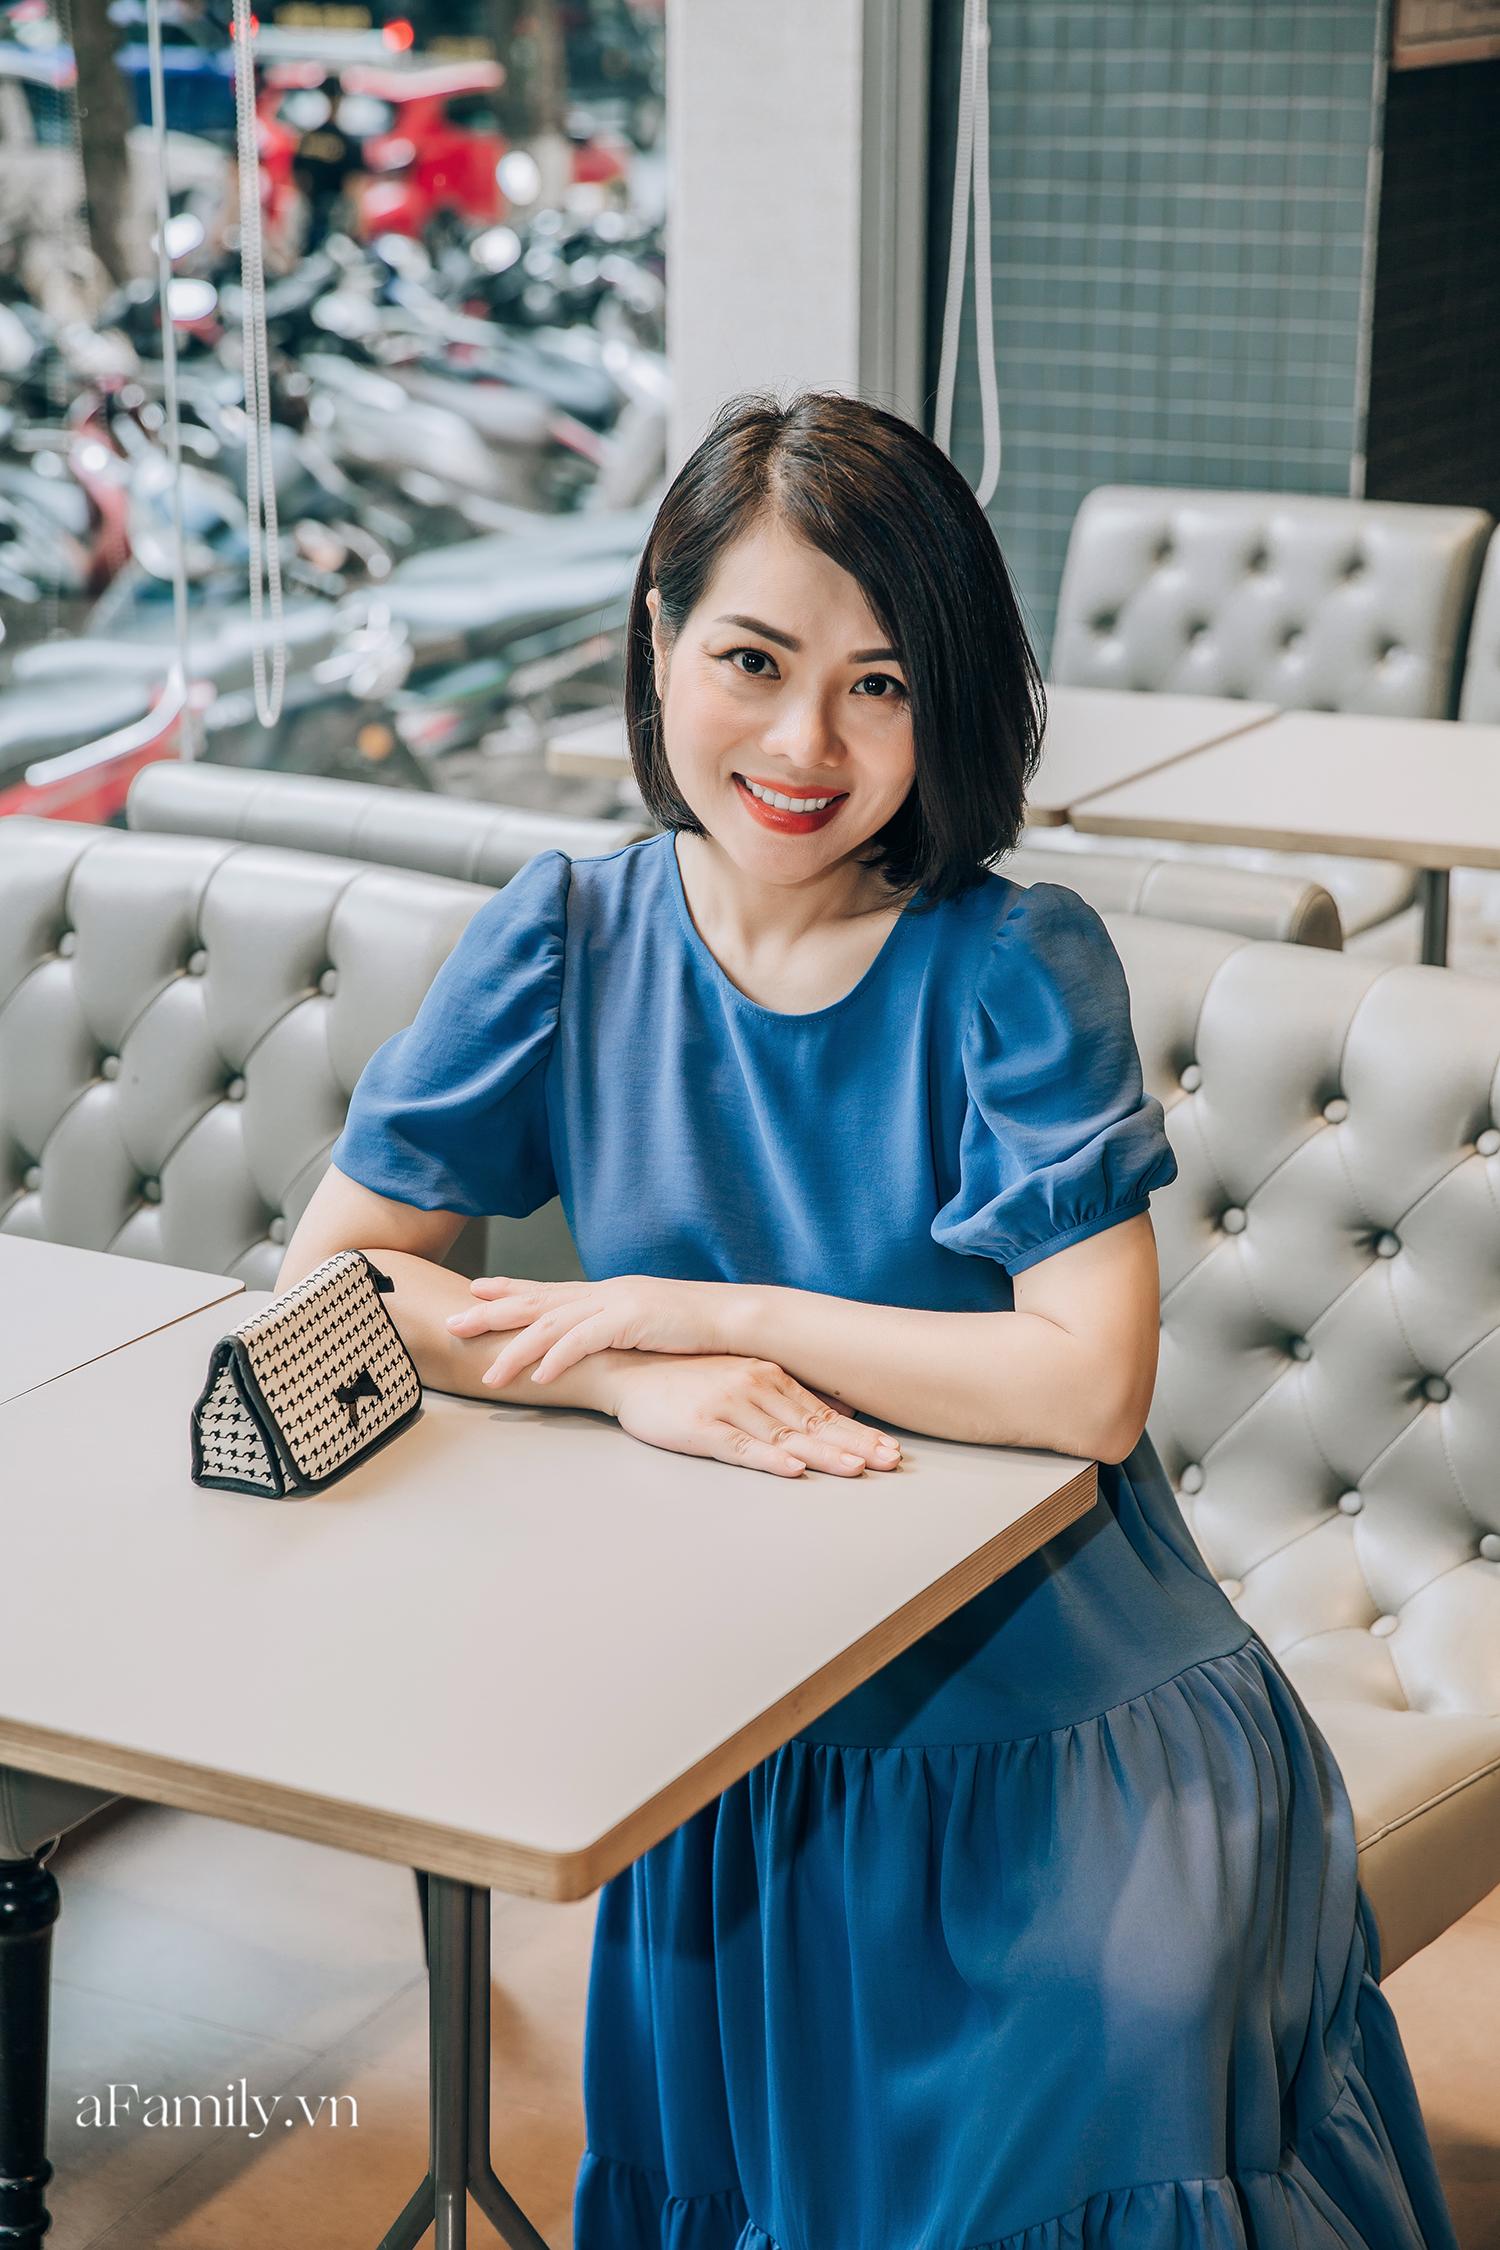 """MC Bạch Dương một lần kể hết về quãng thời gian tạm dừng công việc ở VTV và những """"góc khuất"""" khi làm công việc truyền hình - Ảnh 7."""